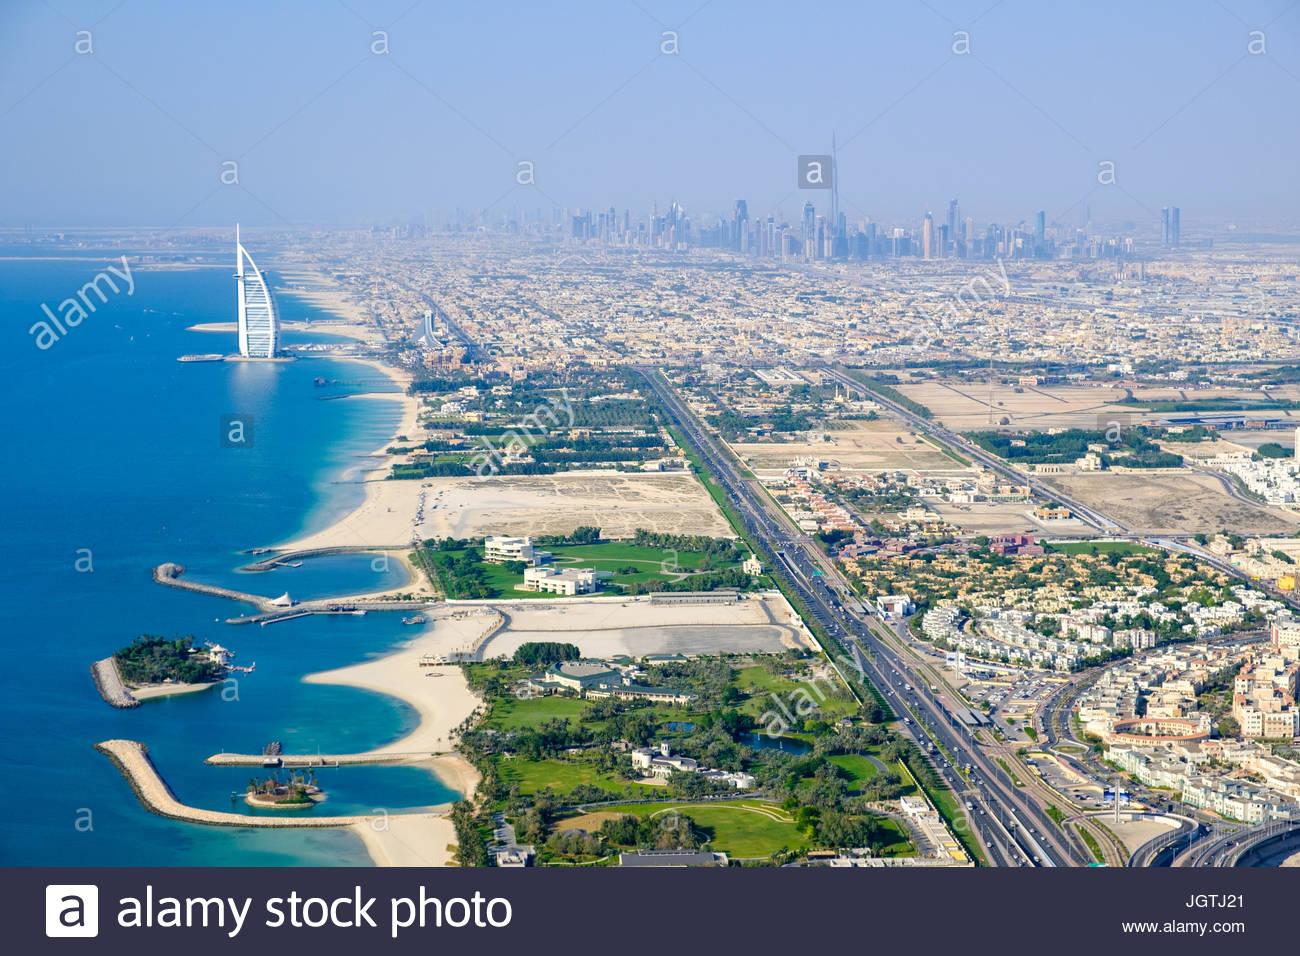 Foto aérea de la playa de Jumeirah, el Burj Al Arab y el centro de Dubai en el fondo Imagen De Stock